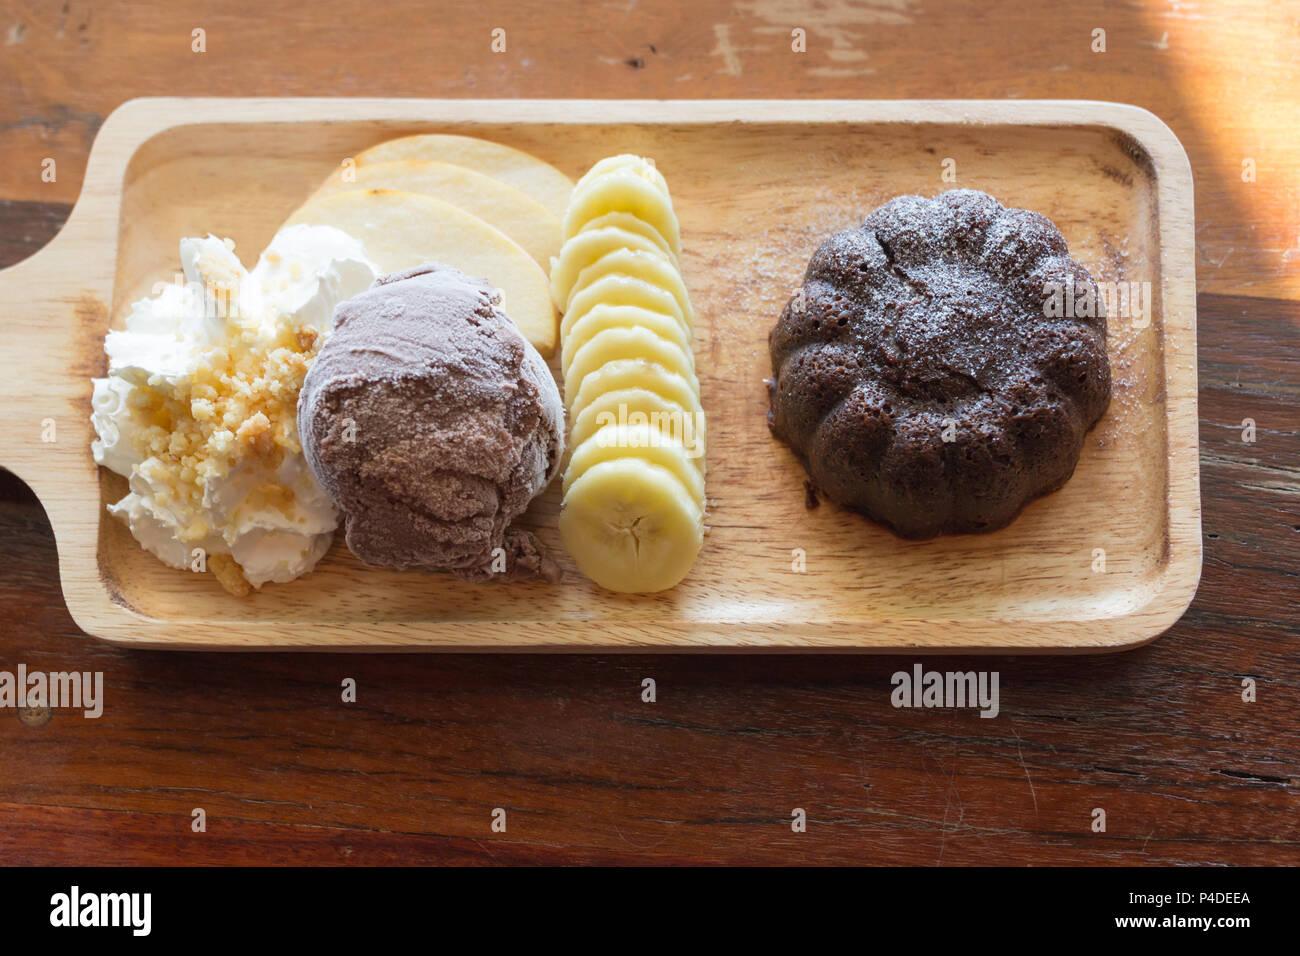 Schokolade Lava Kuchen Schokolade Eis Banane Apfel Obst Und Sahne